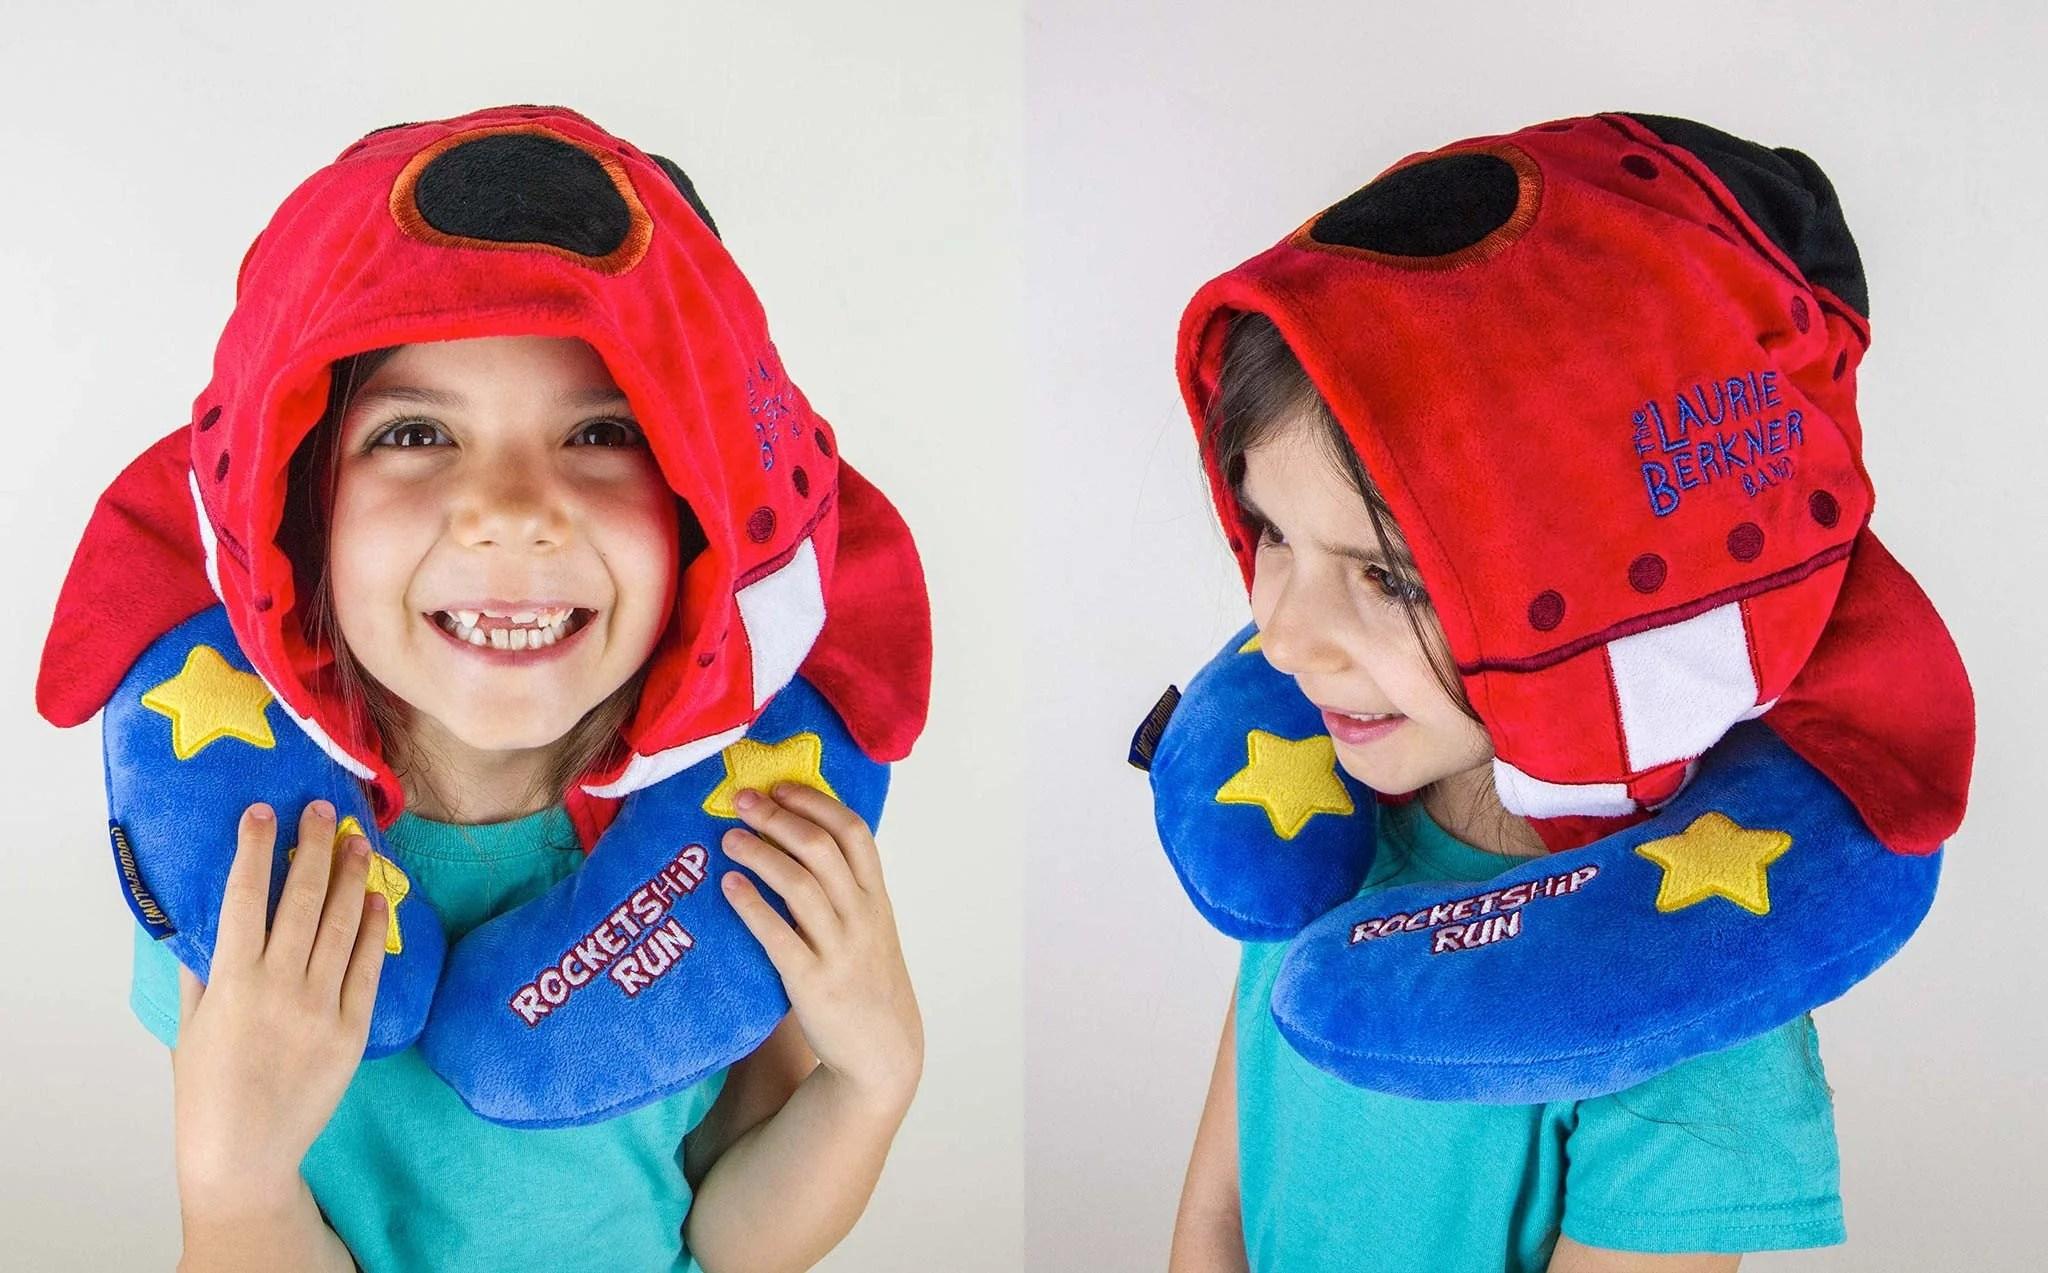 hoodiepillow pals kids travel pillows